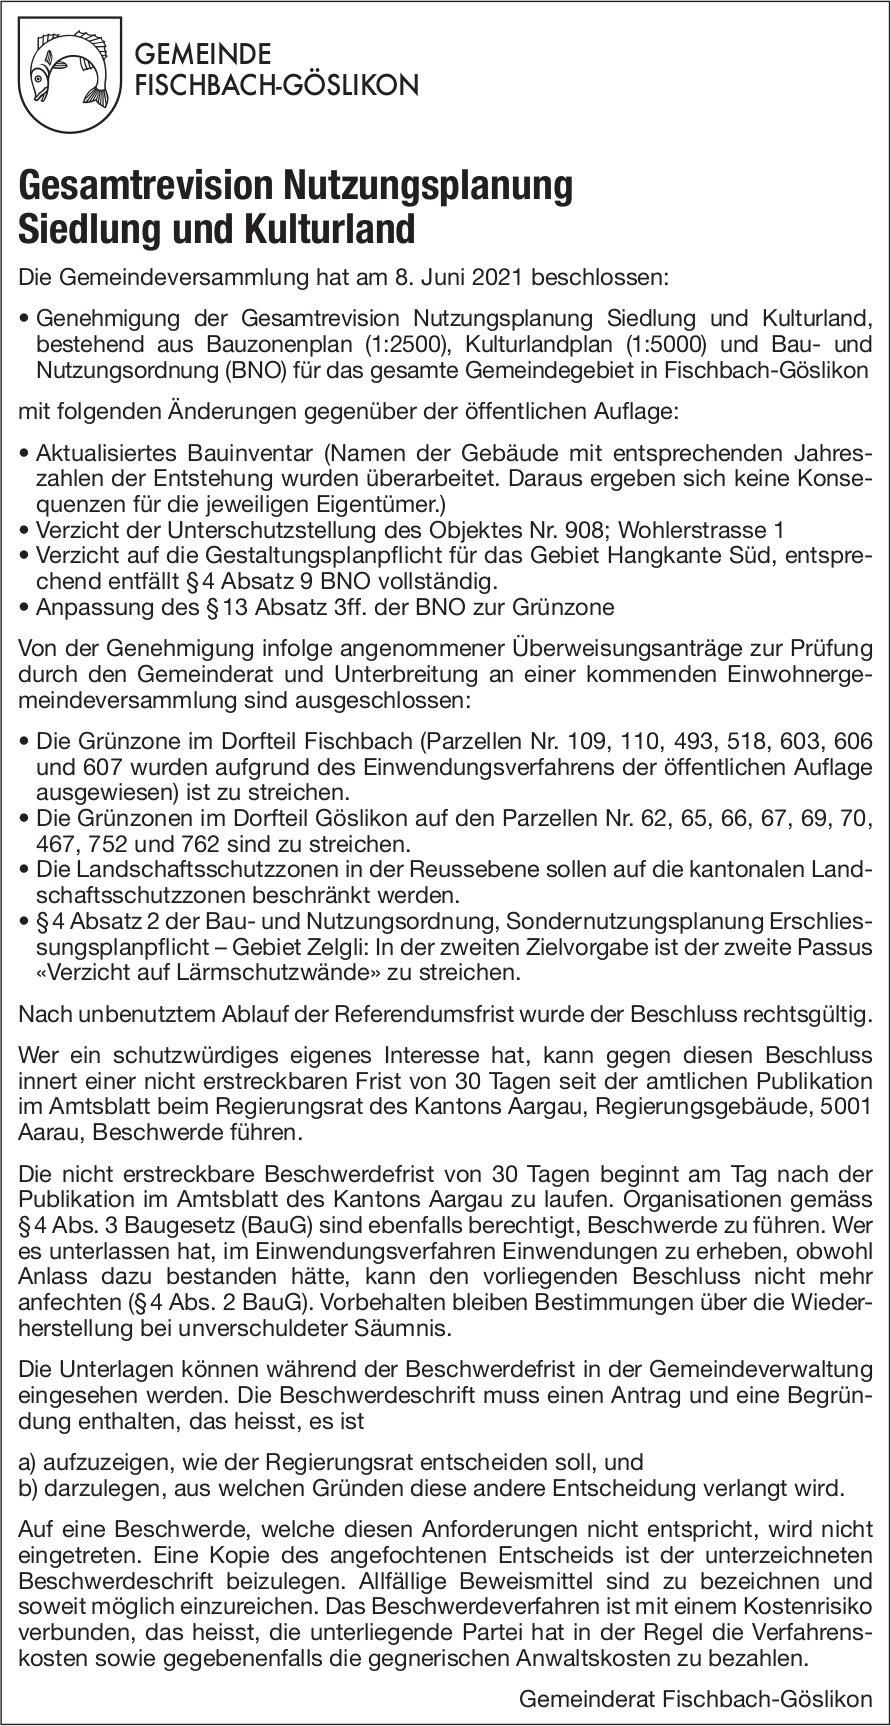 Fischbach-Göslikon - Gesamtrevision Nutzungsplanung Siedlung und Kulturland